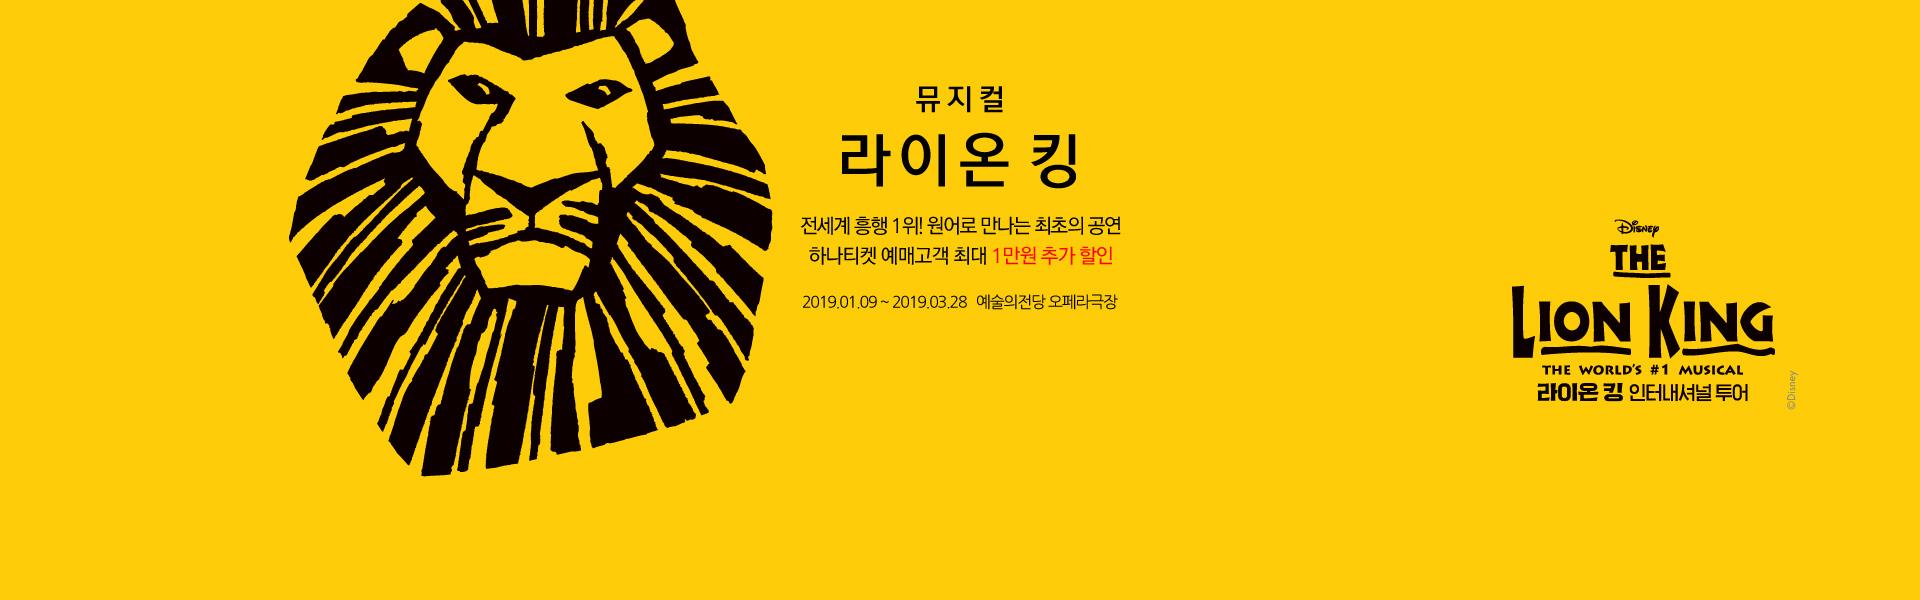 [서울] [Special Seats] 뮤지컬 라이온 킹 인터내셔널